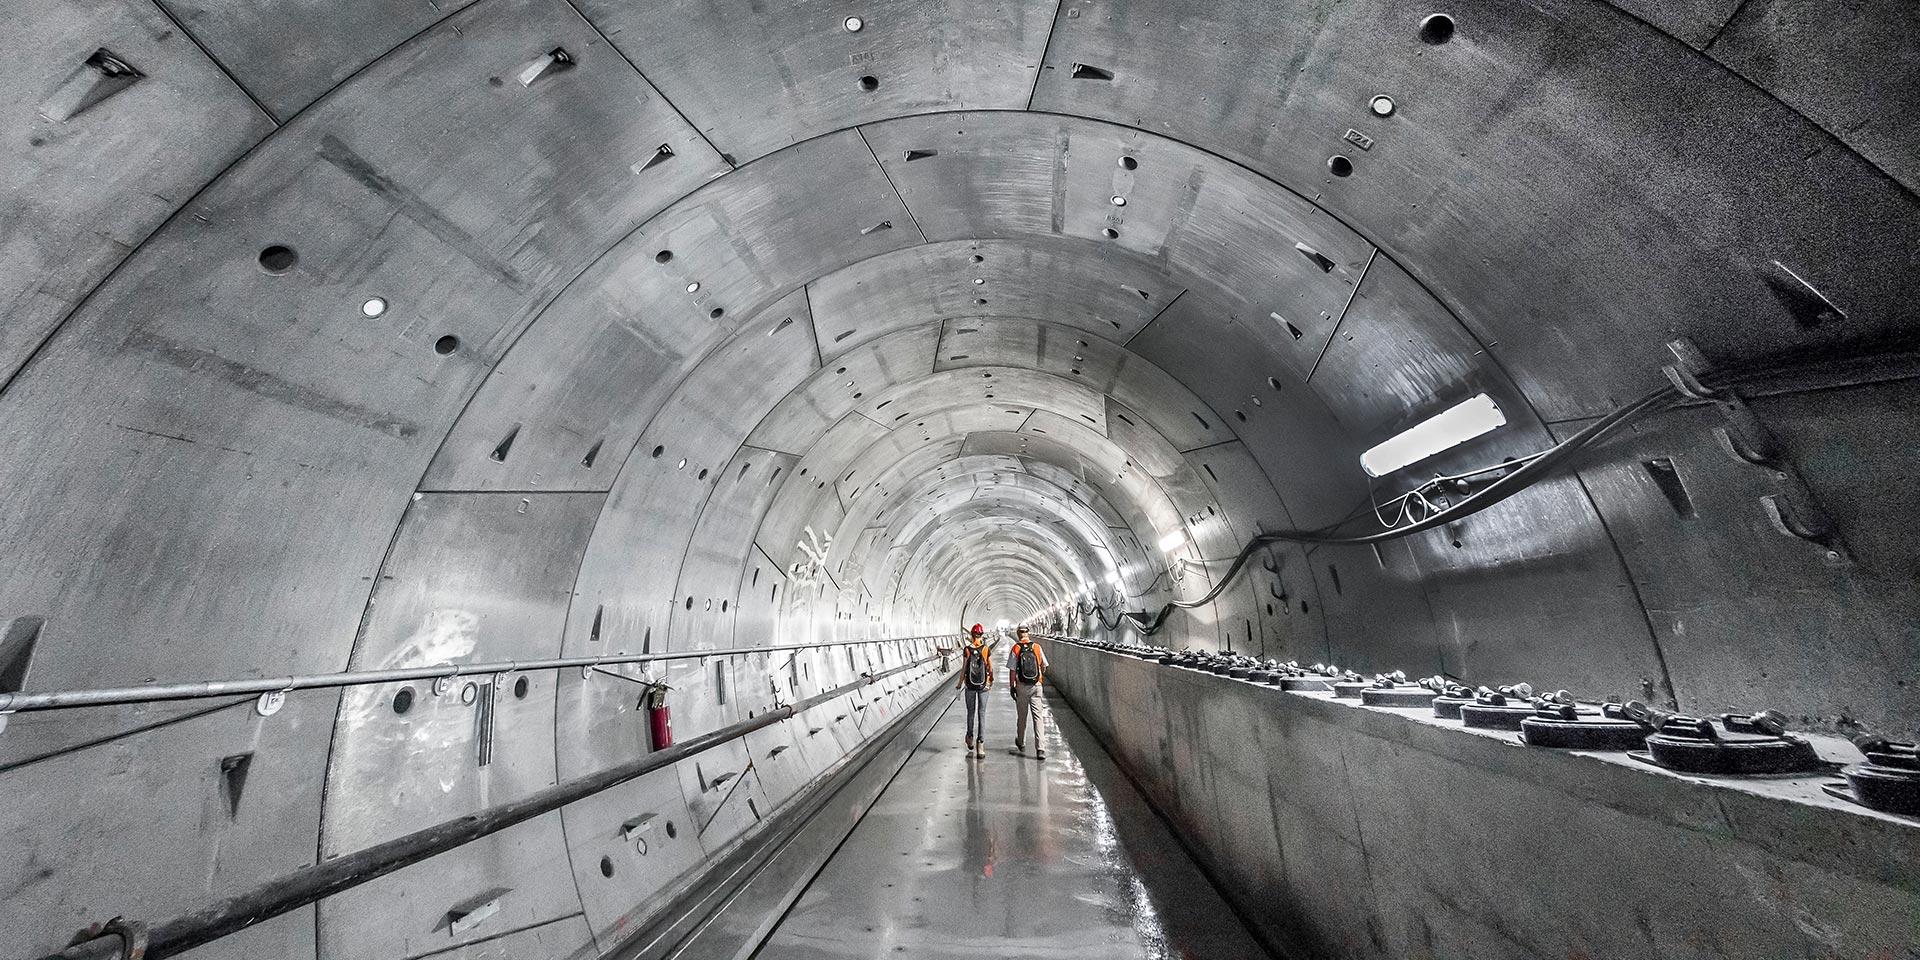 Eglinton Crosstown Tunnel